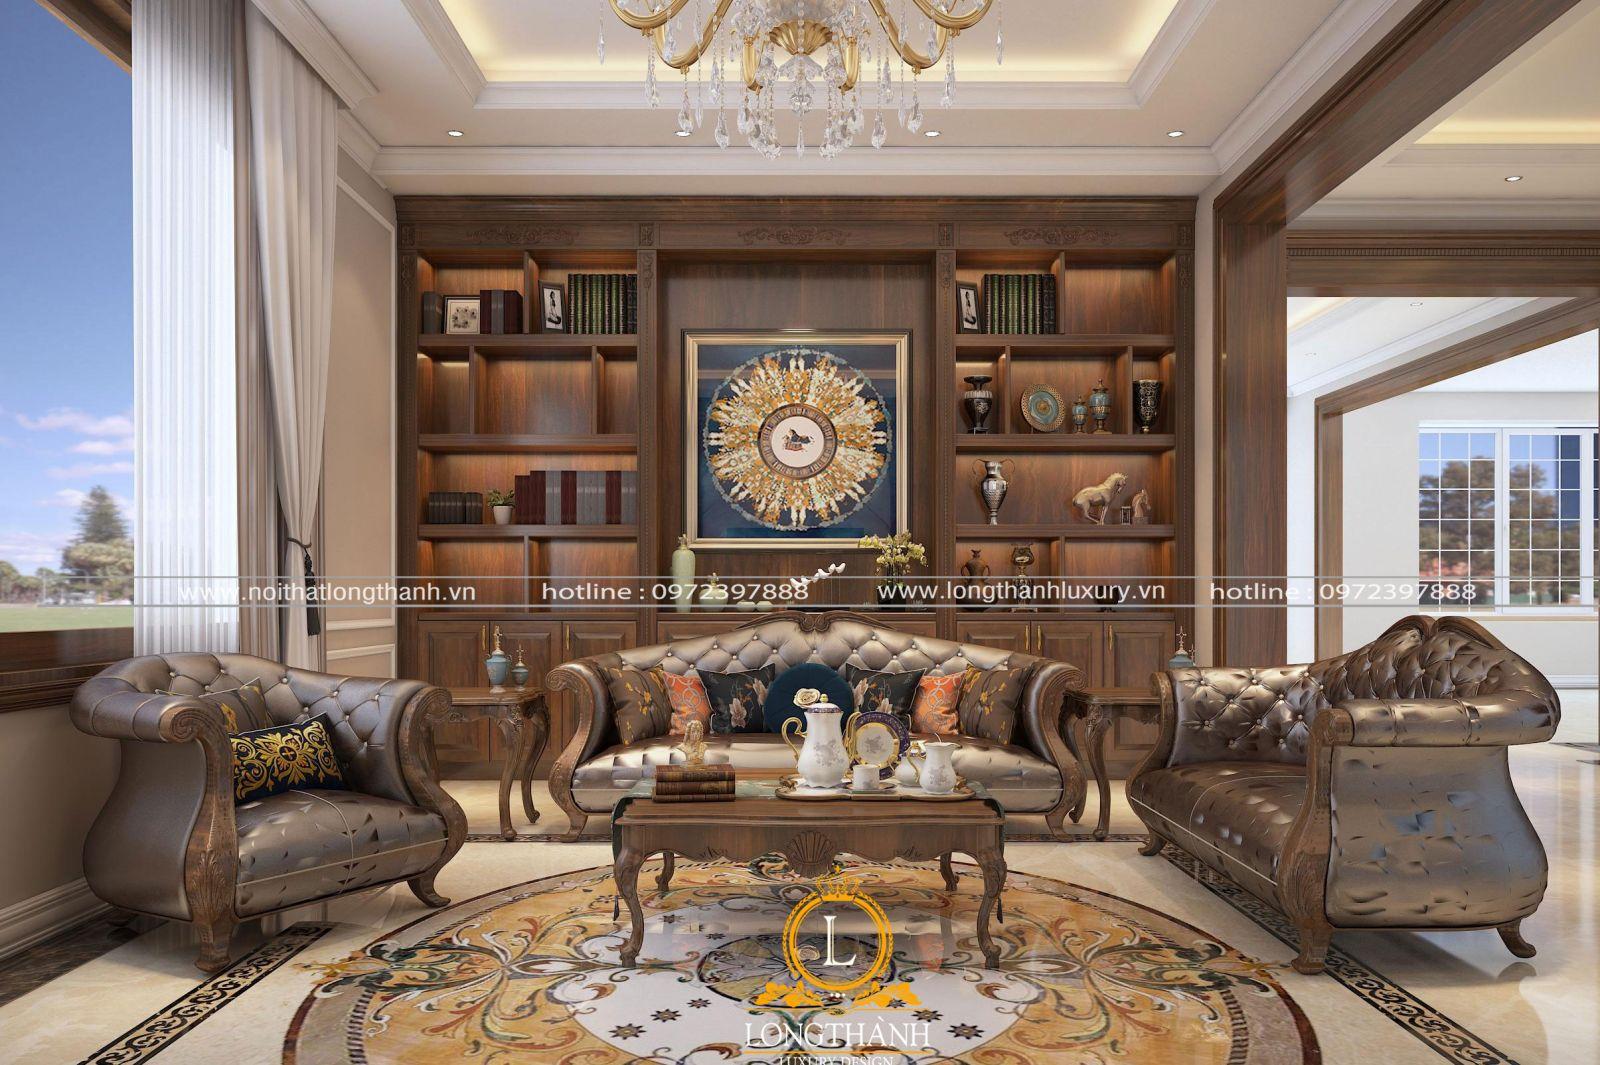 Tư vấn chọn màu sắc của đồ nội thất cho người thuộc mệnh Mộc